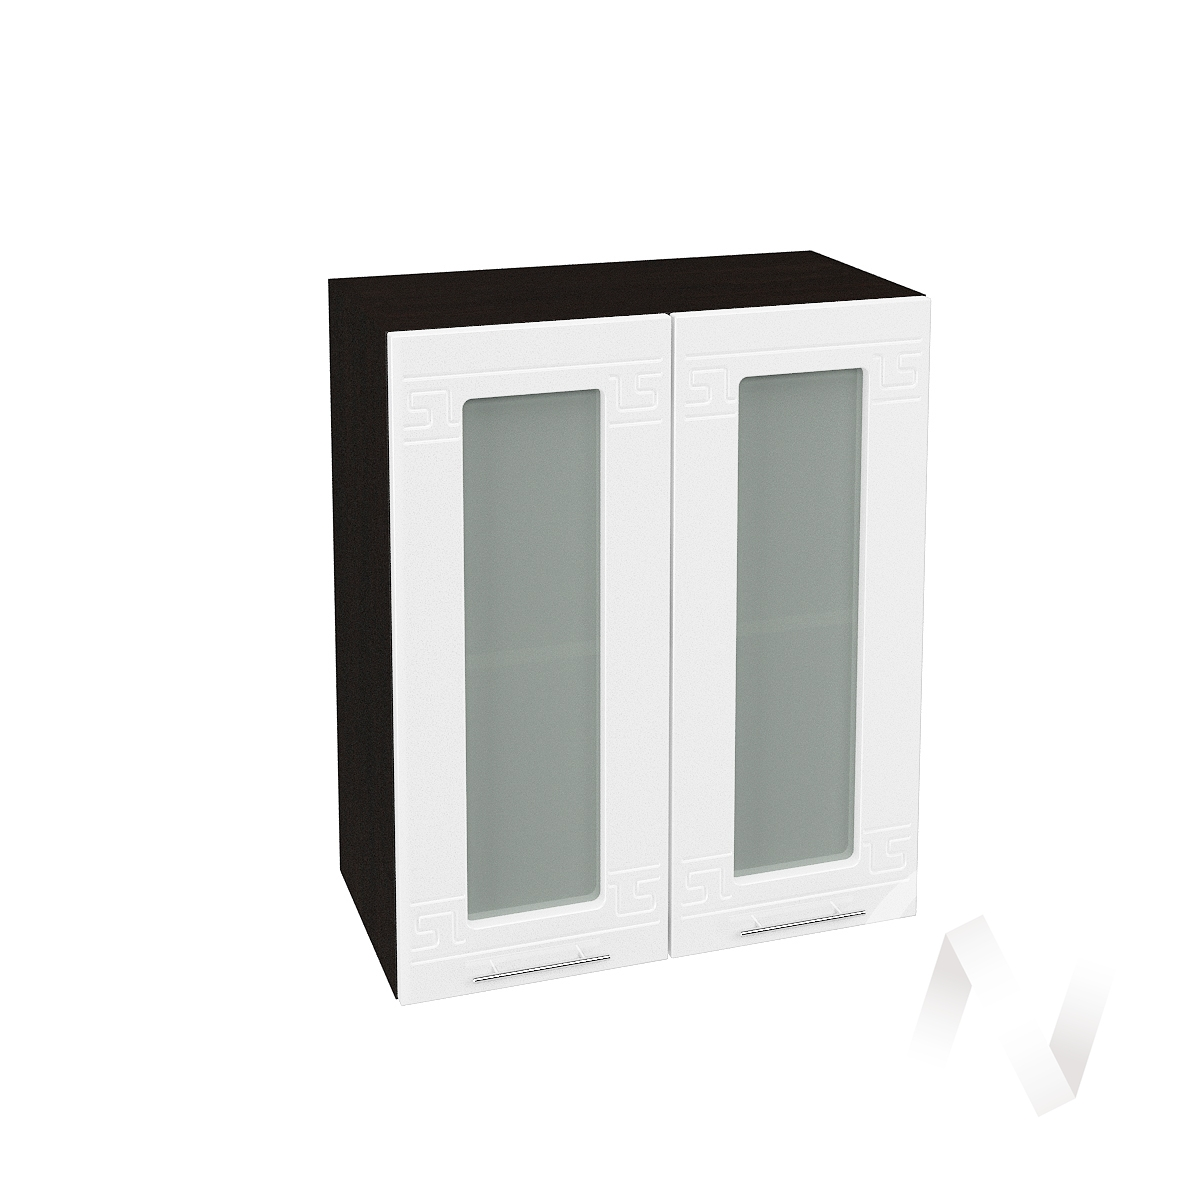 """Кухня """"Греция"""": Шкаф верхний со стеклом 600, ШВС 600 (белый металлик/корпус венге)  в Новосибирске - интернет магазин Мебельный Проспект"""